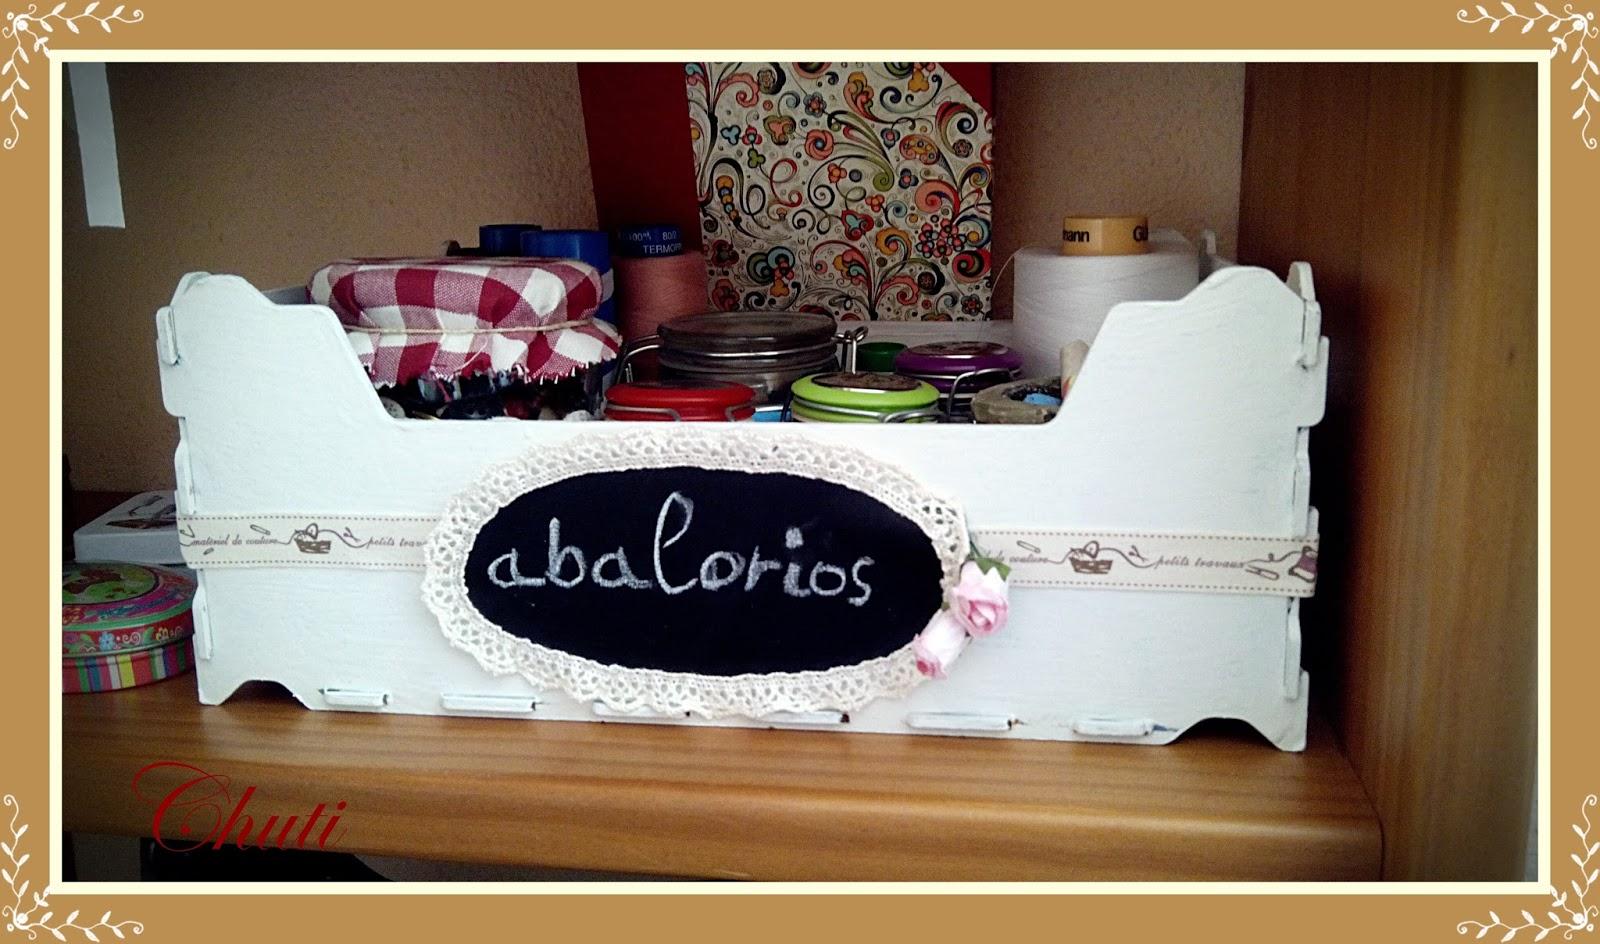 El dedal de chuti cajas decoradas - Decoracion de cajas ...